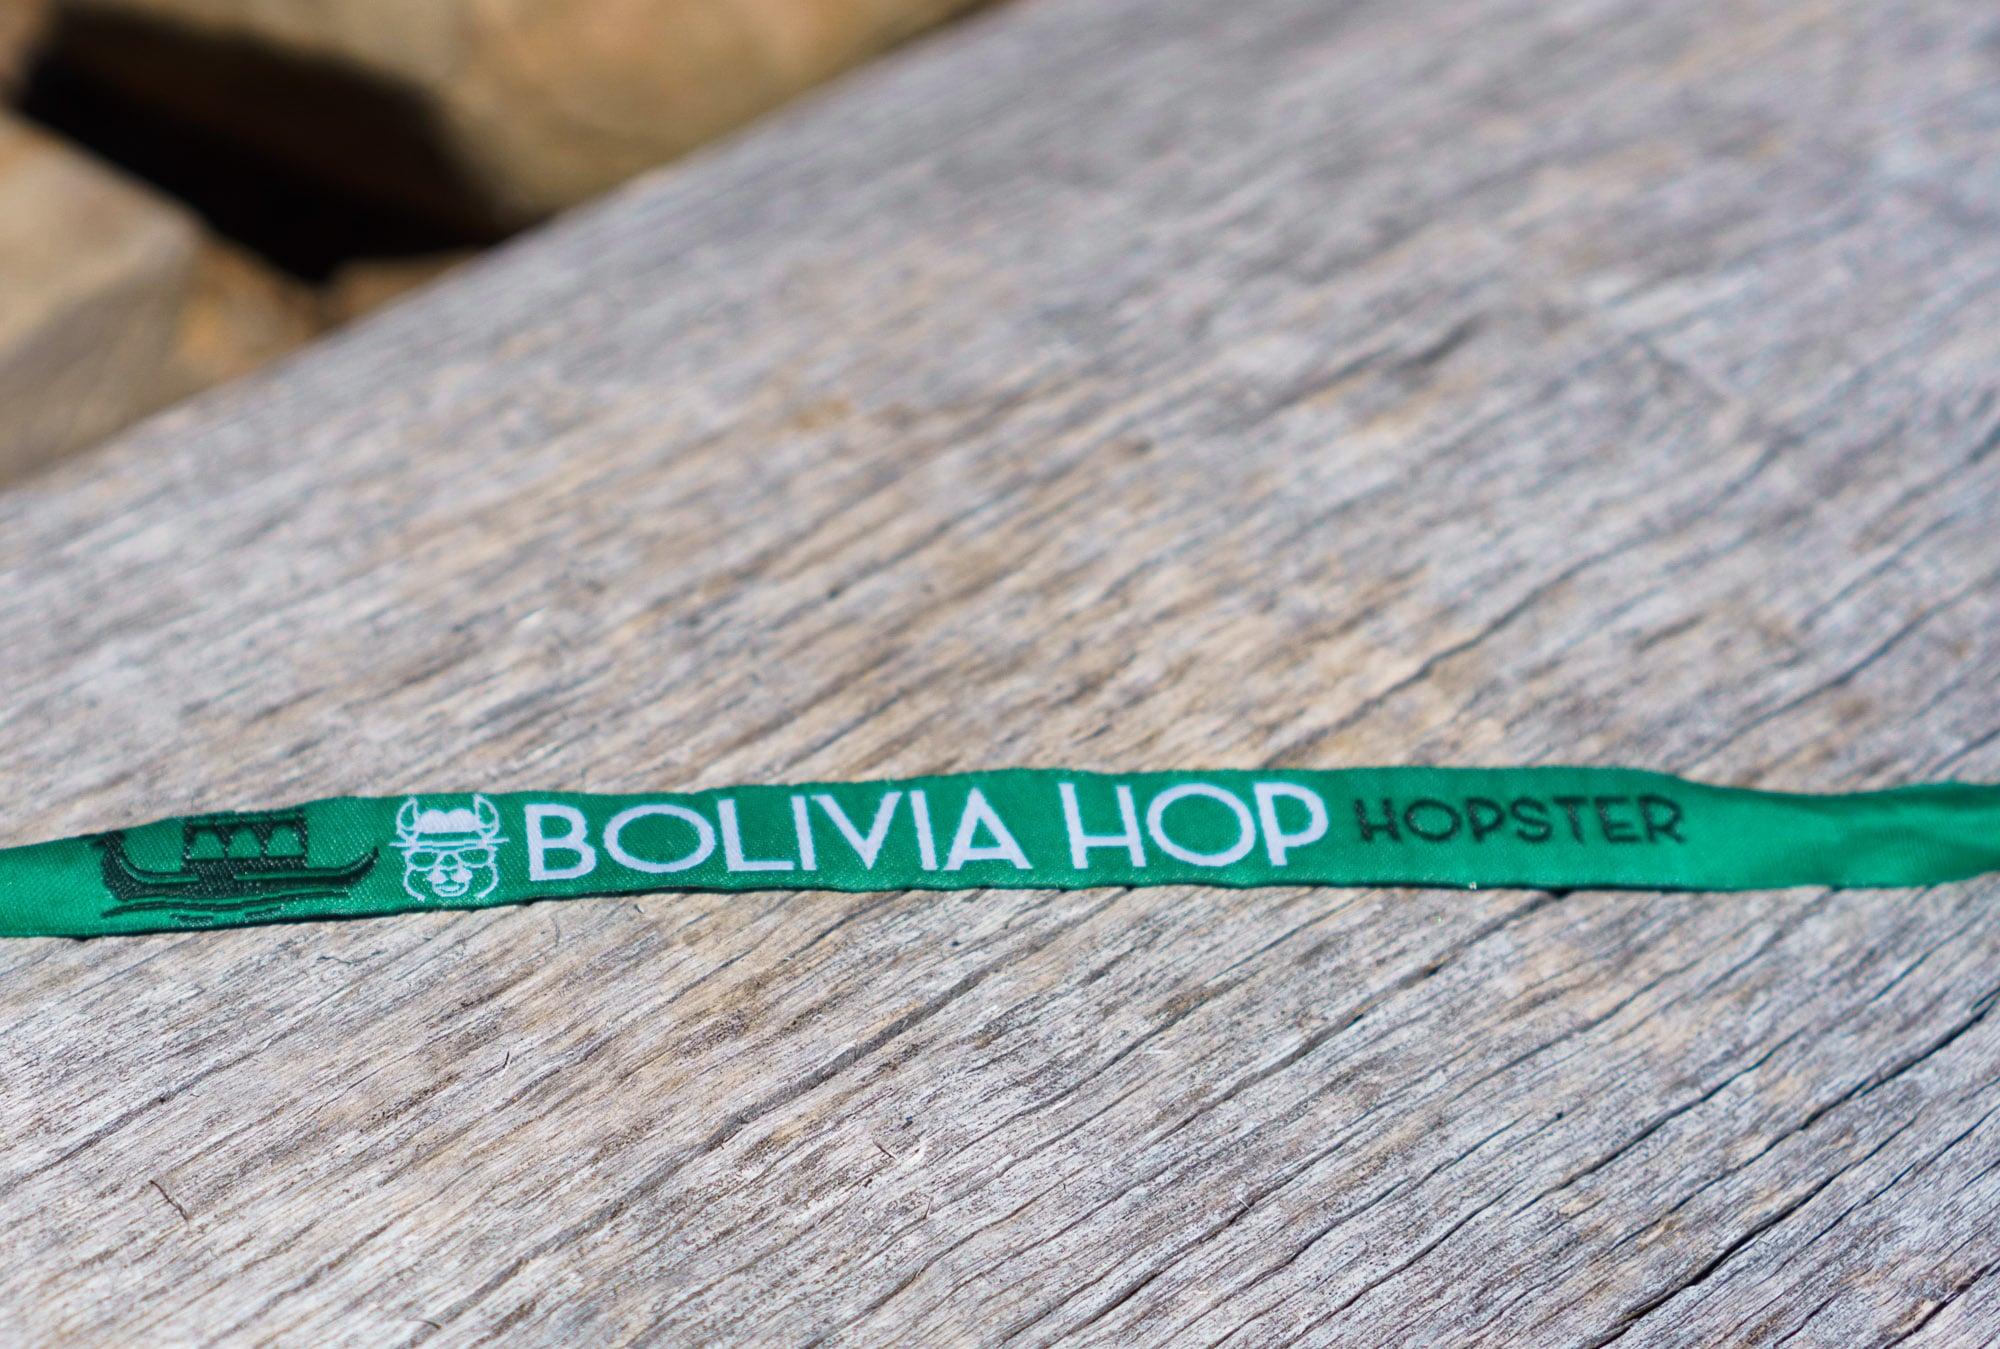 Bolivia Hop Wristband